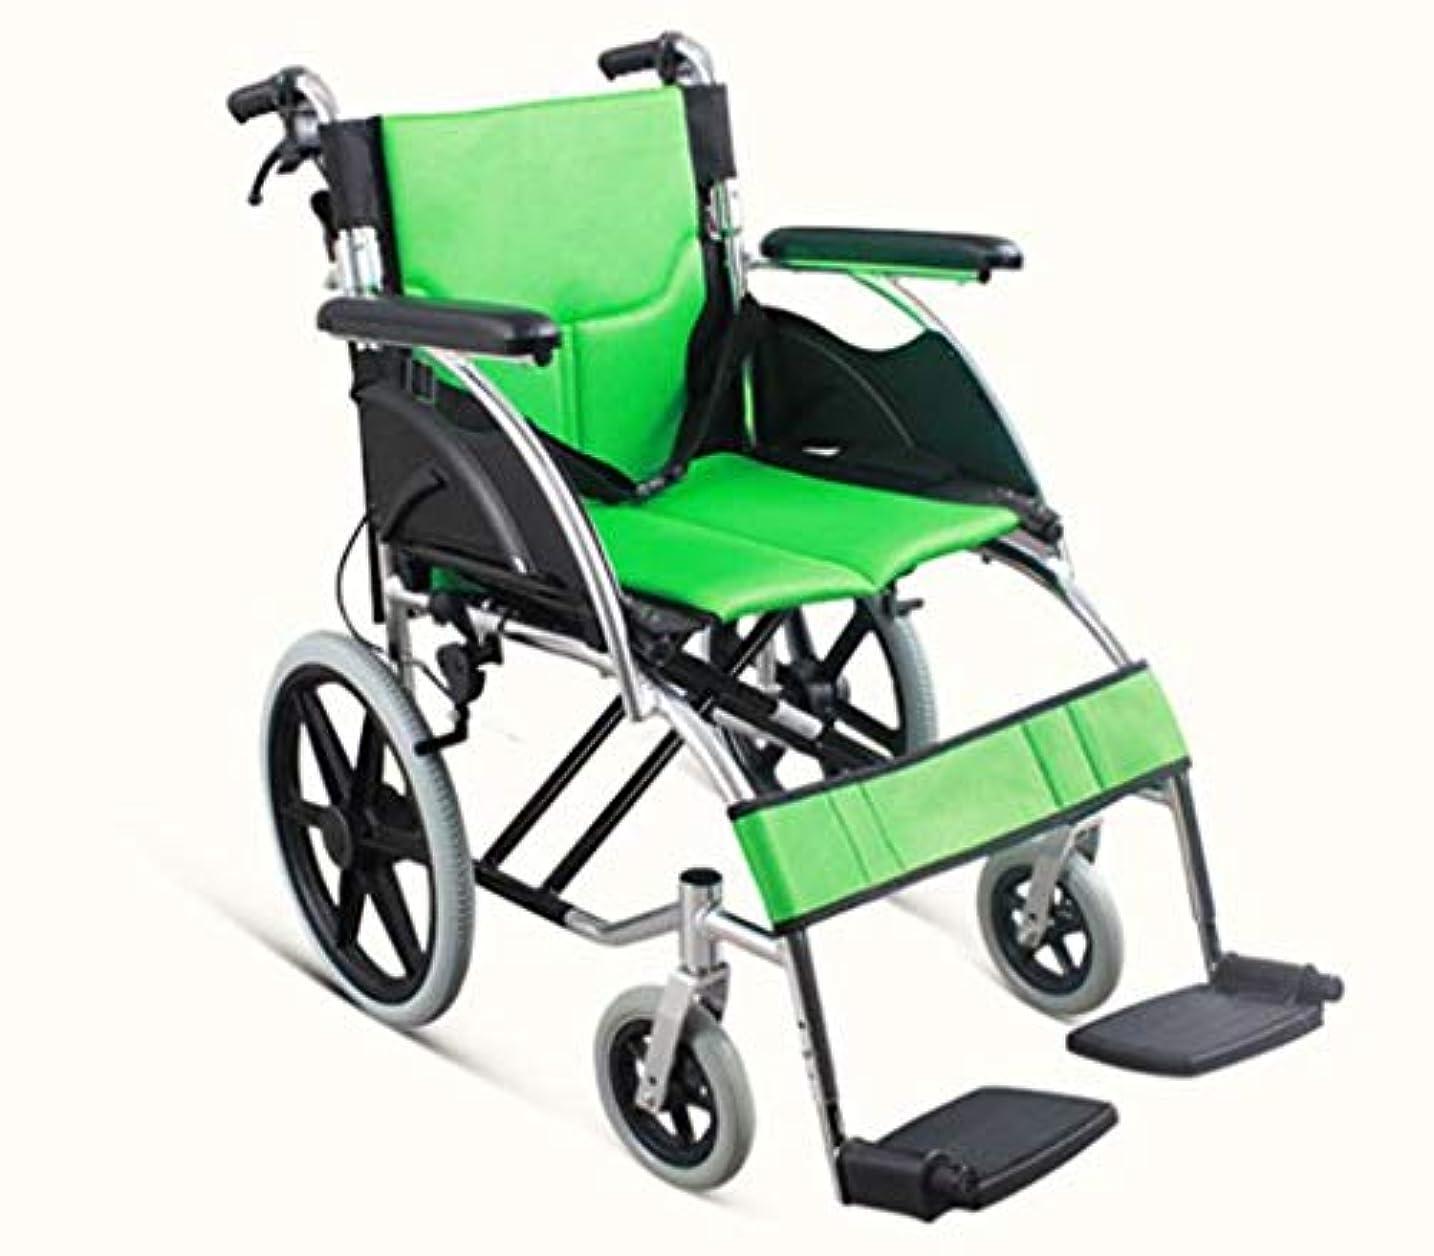 スクレーパー不道徳ジャンプ手動車椅子折りたたみ式、ポータブル車椅子高強度アルミニウム合金ブラケット、屋外旅行高齢者車椅子に適しています